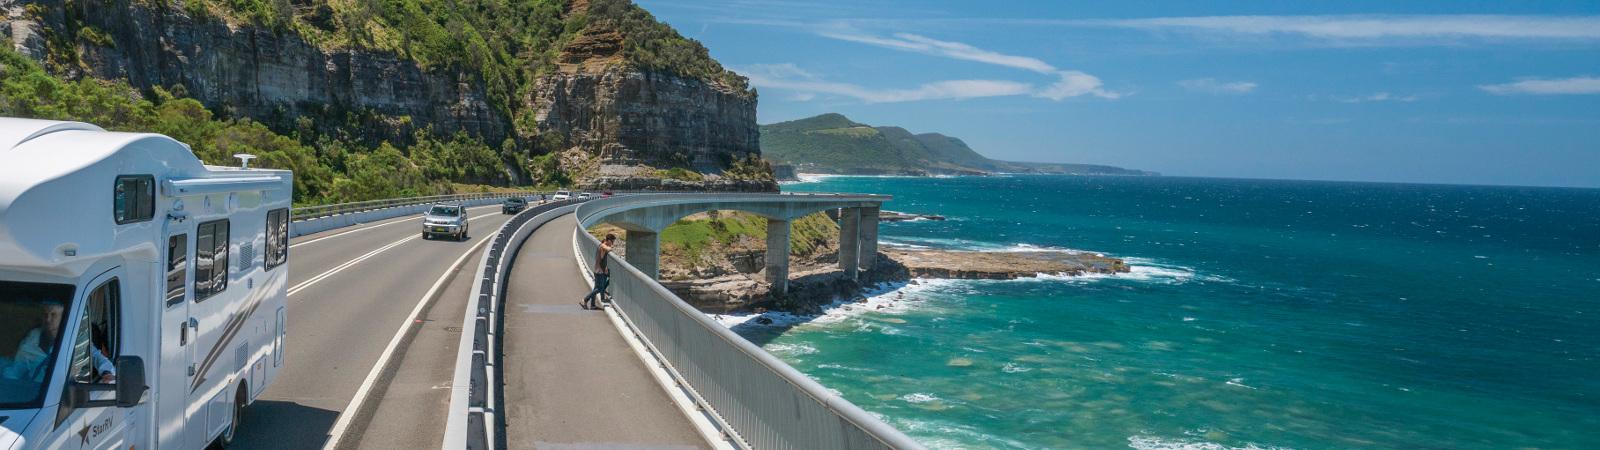 Wollongong & the Illawarra